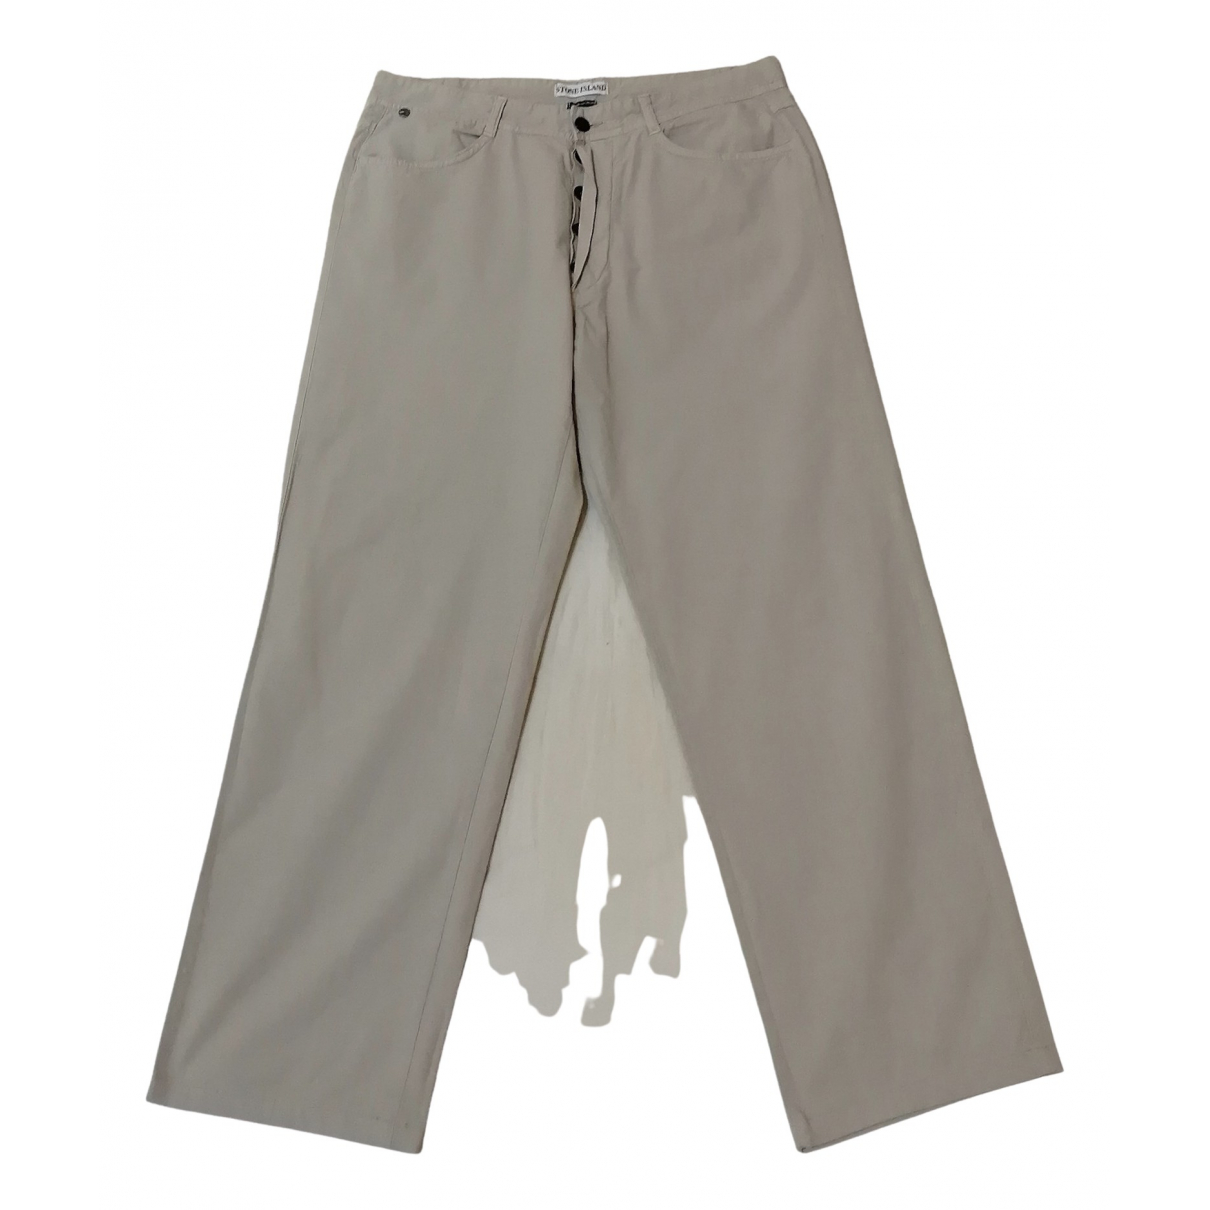 Pantalones en Algodon Beige Stone Island